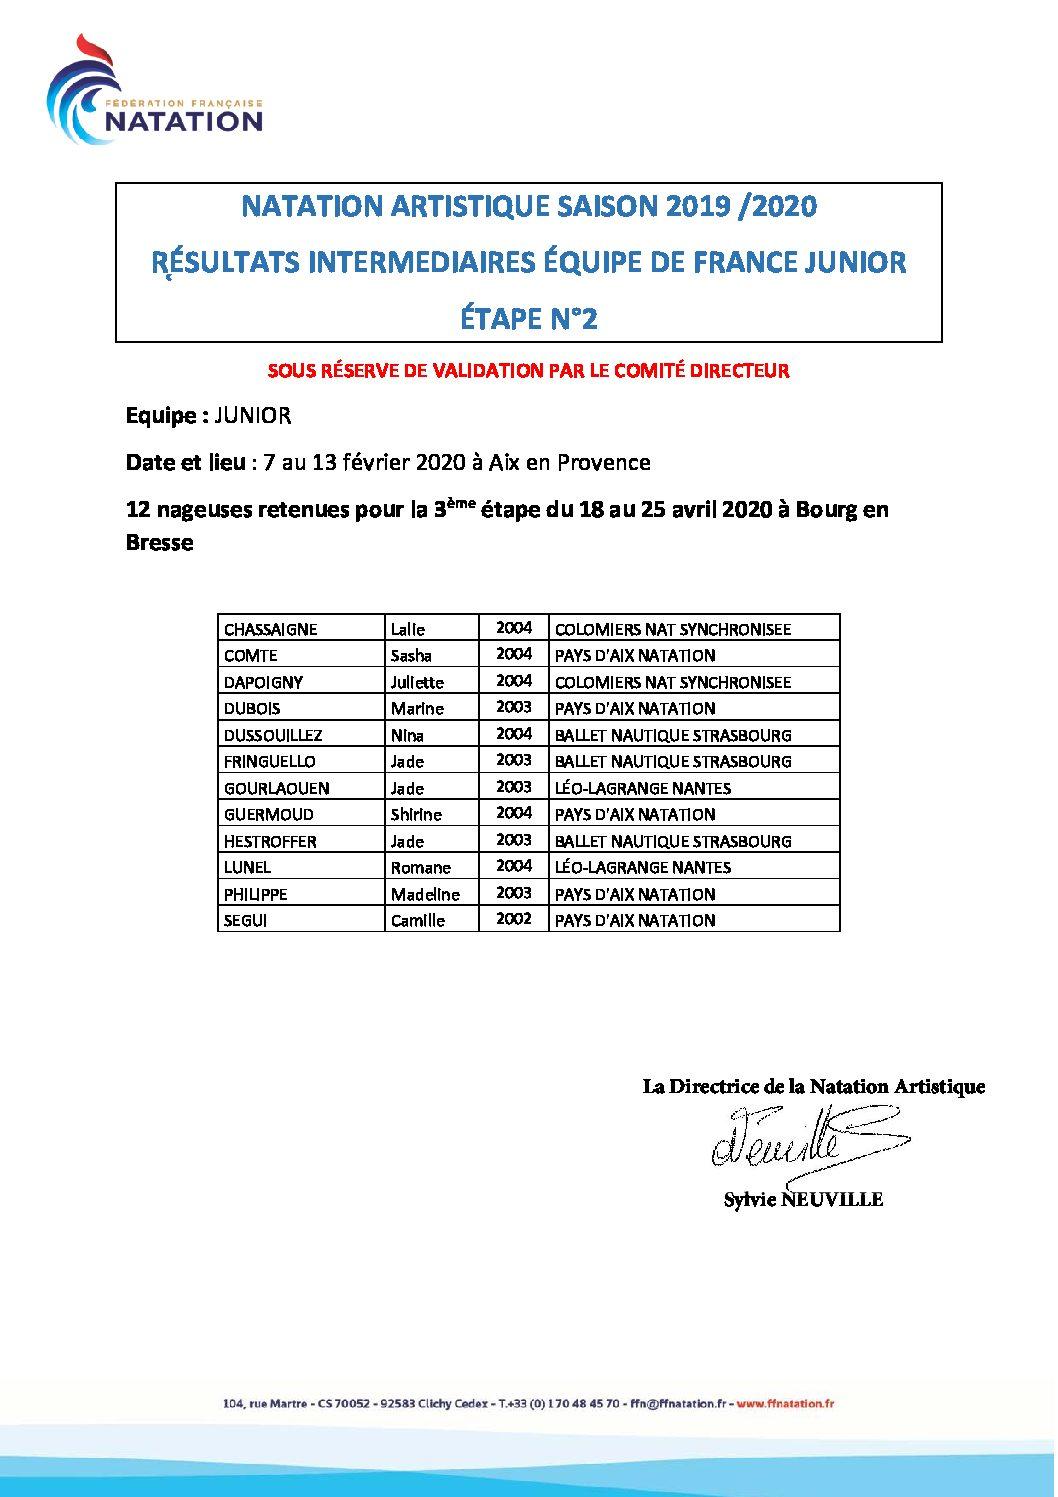 2eme etape des selections equipe de france colomiers nat synchro